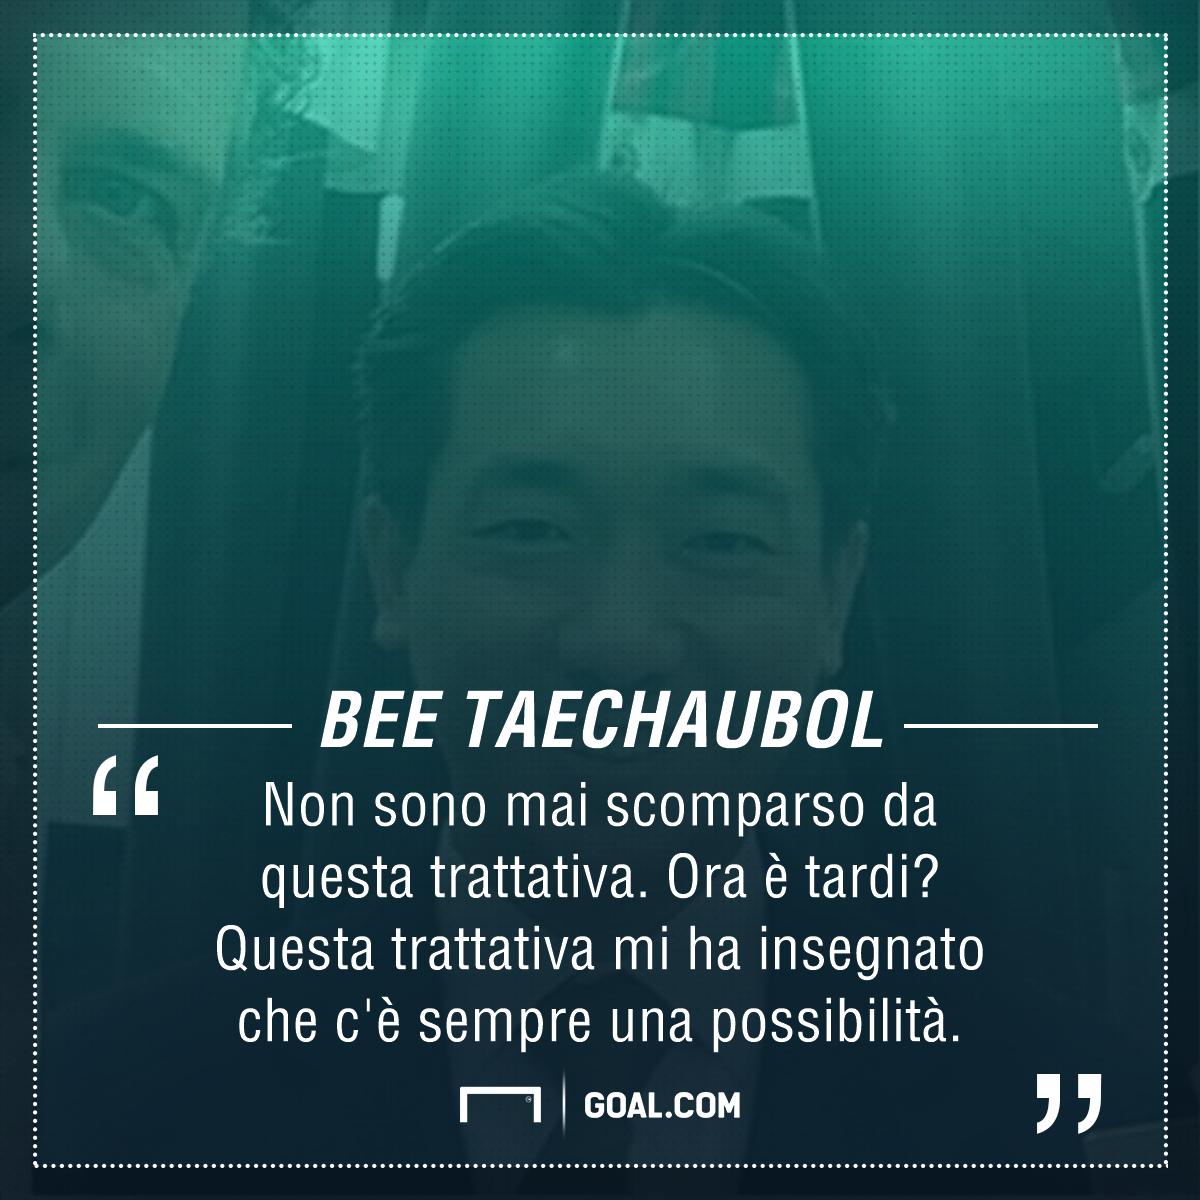 Cessione Milan - Si riaprono i giochi: Mr Bee rilancia la sua offerta!